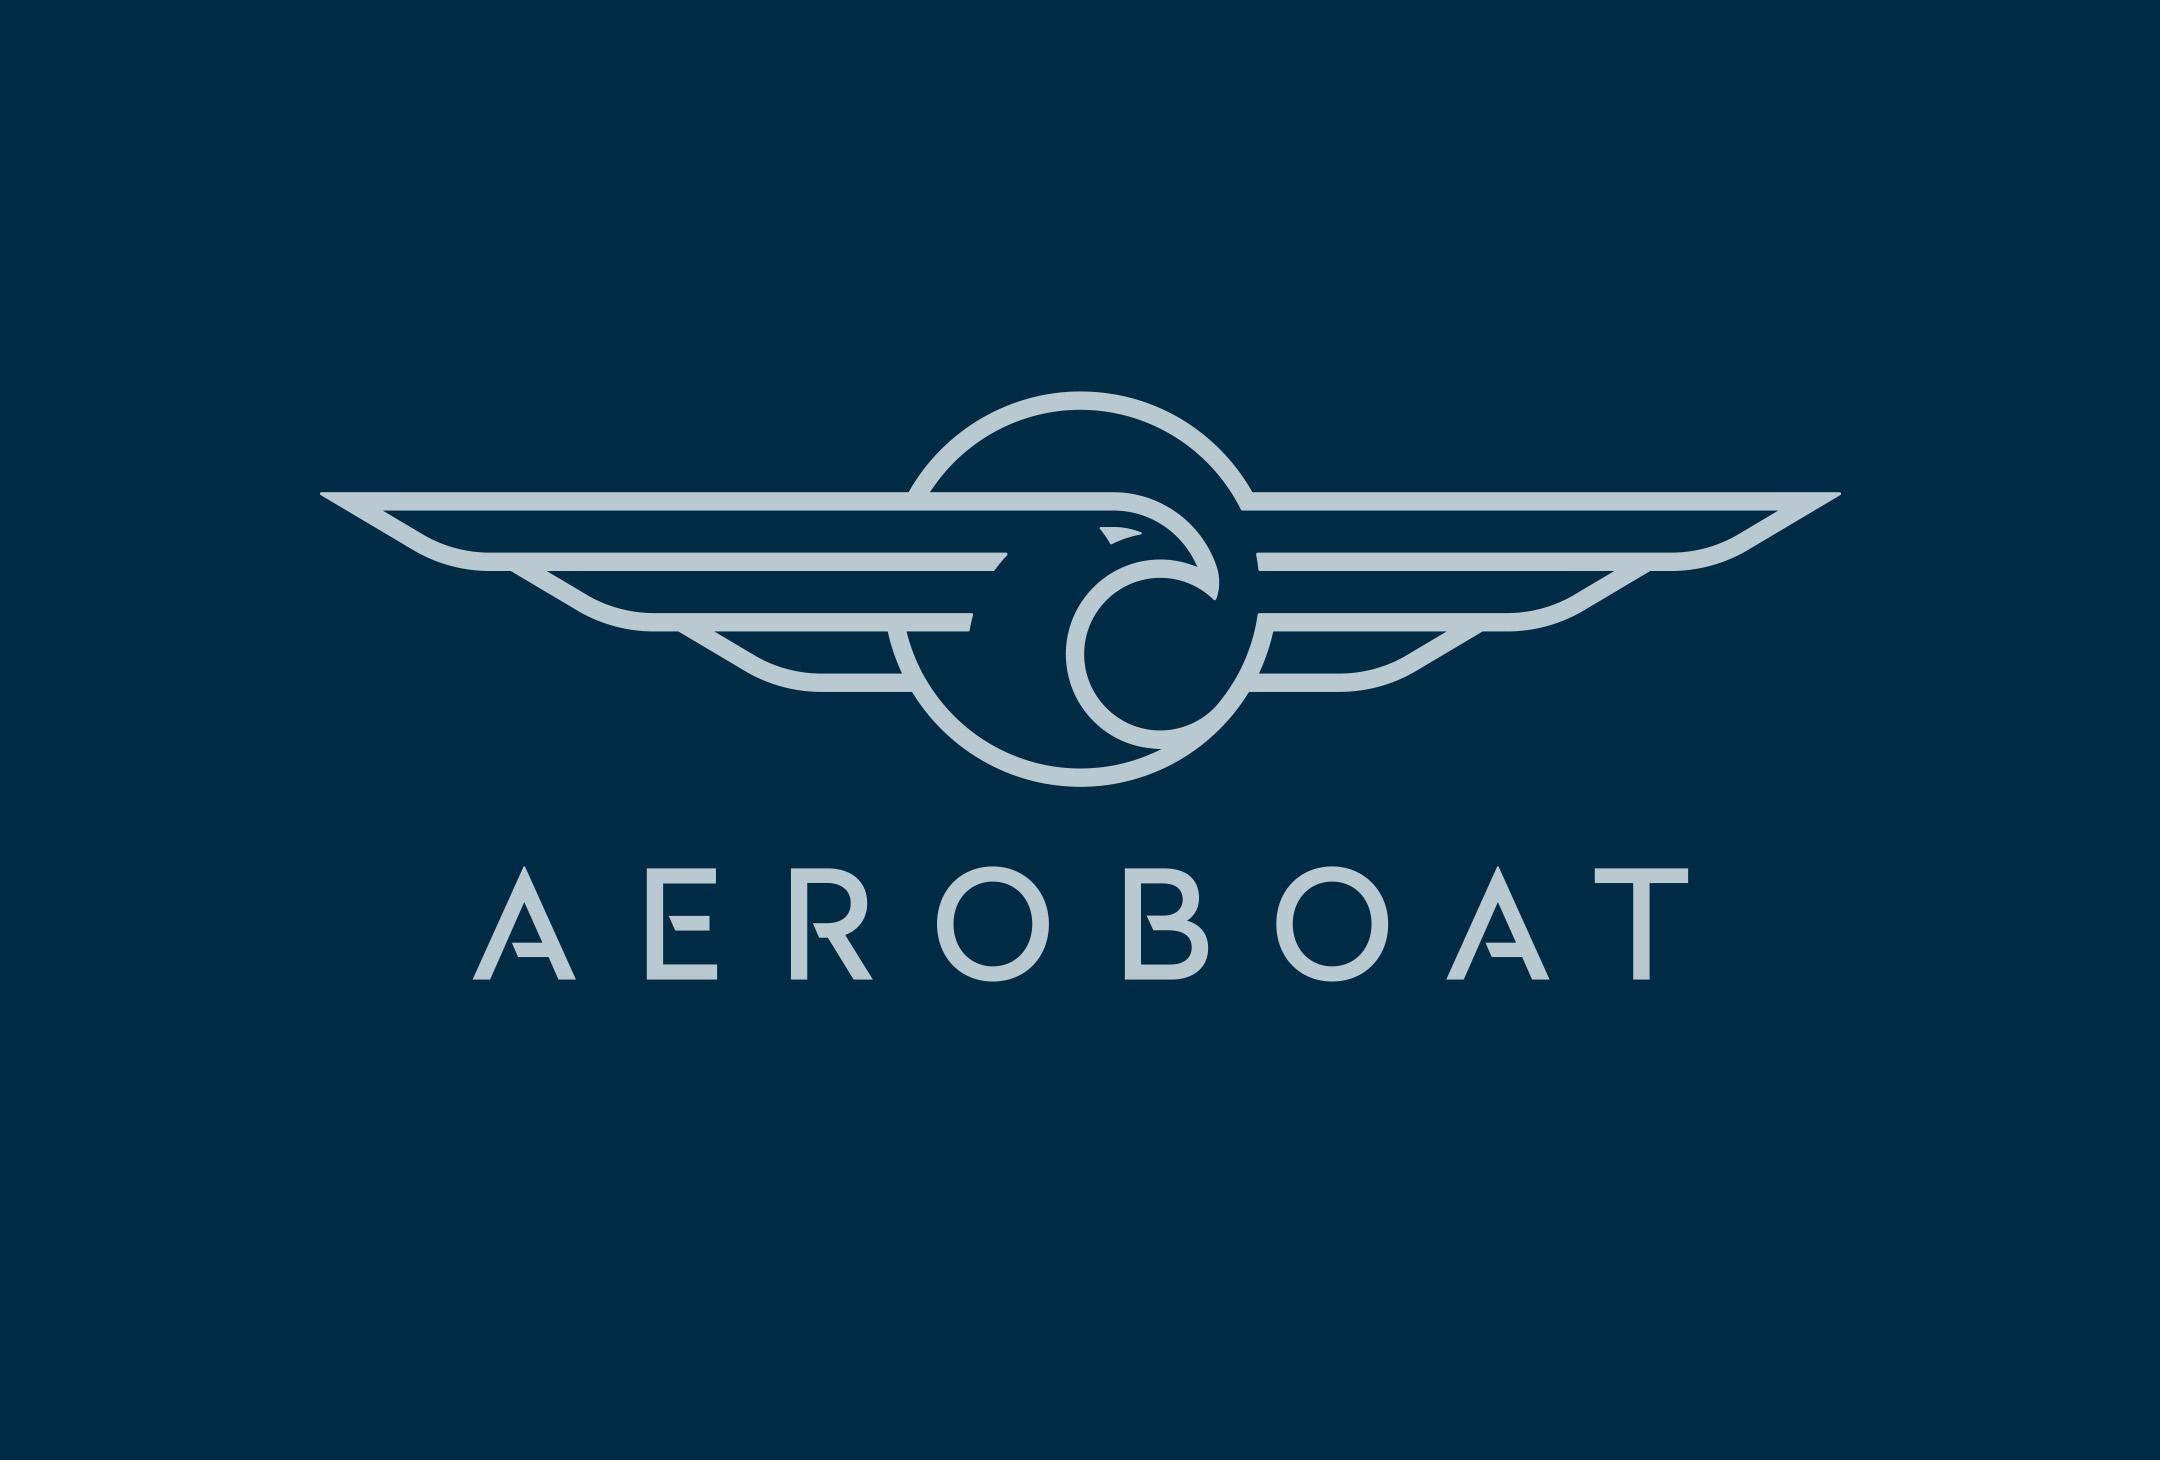 aeroboat-logo-ondark-blue